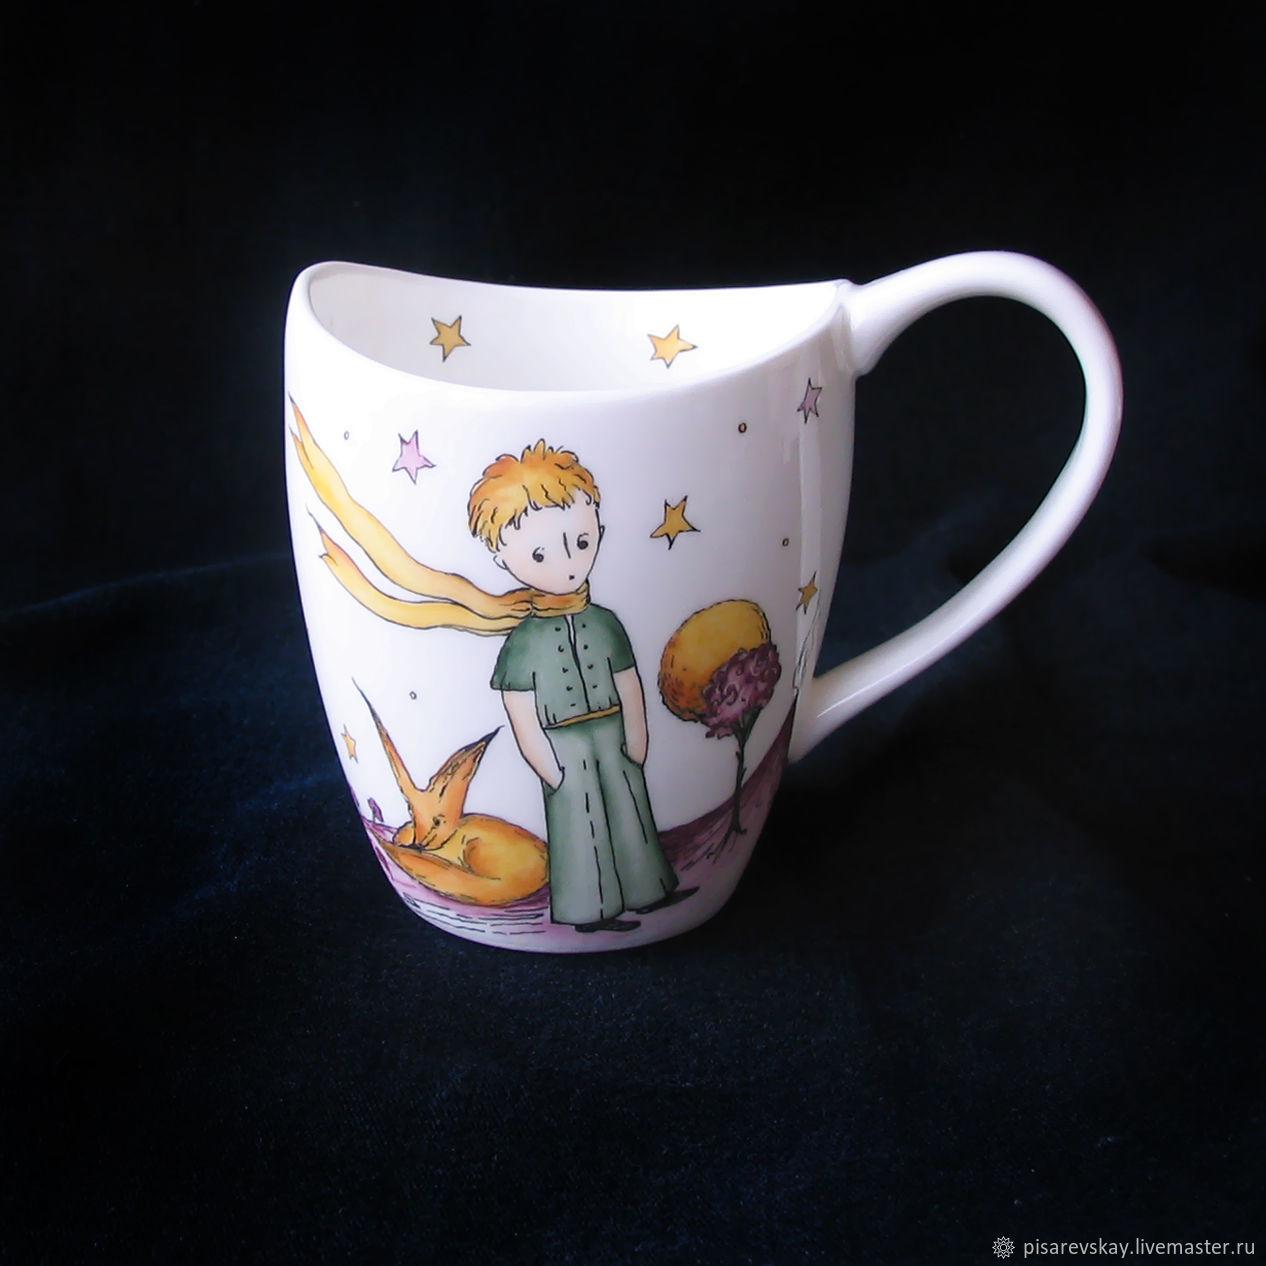 Кружка Маленький принц, Кружки и чашки, Санкт-Петербург,  Фото №1